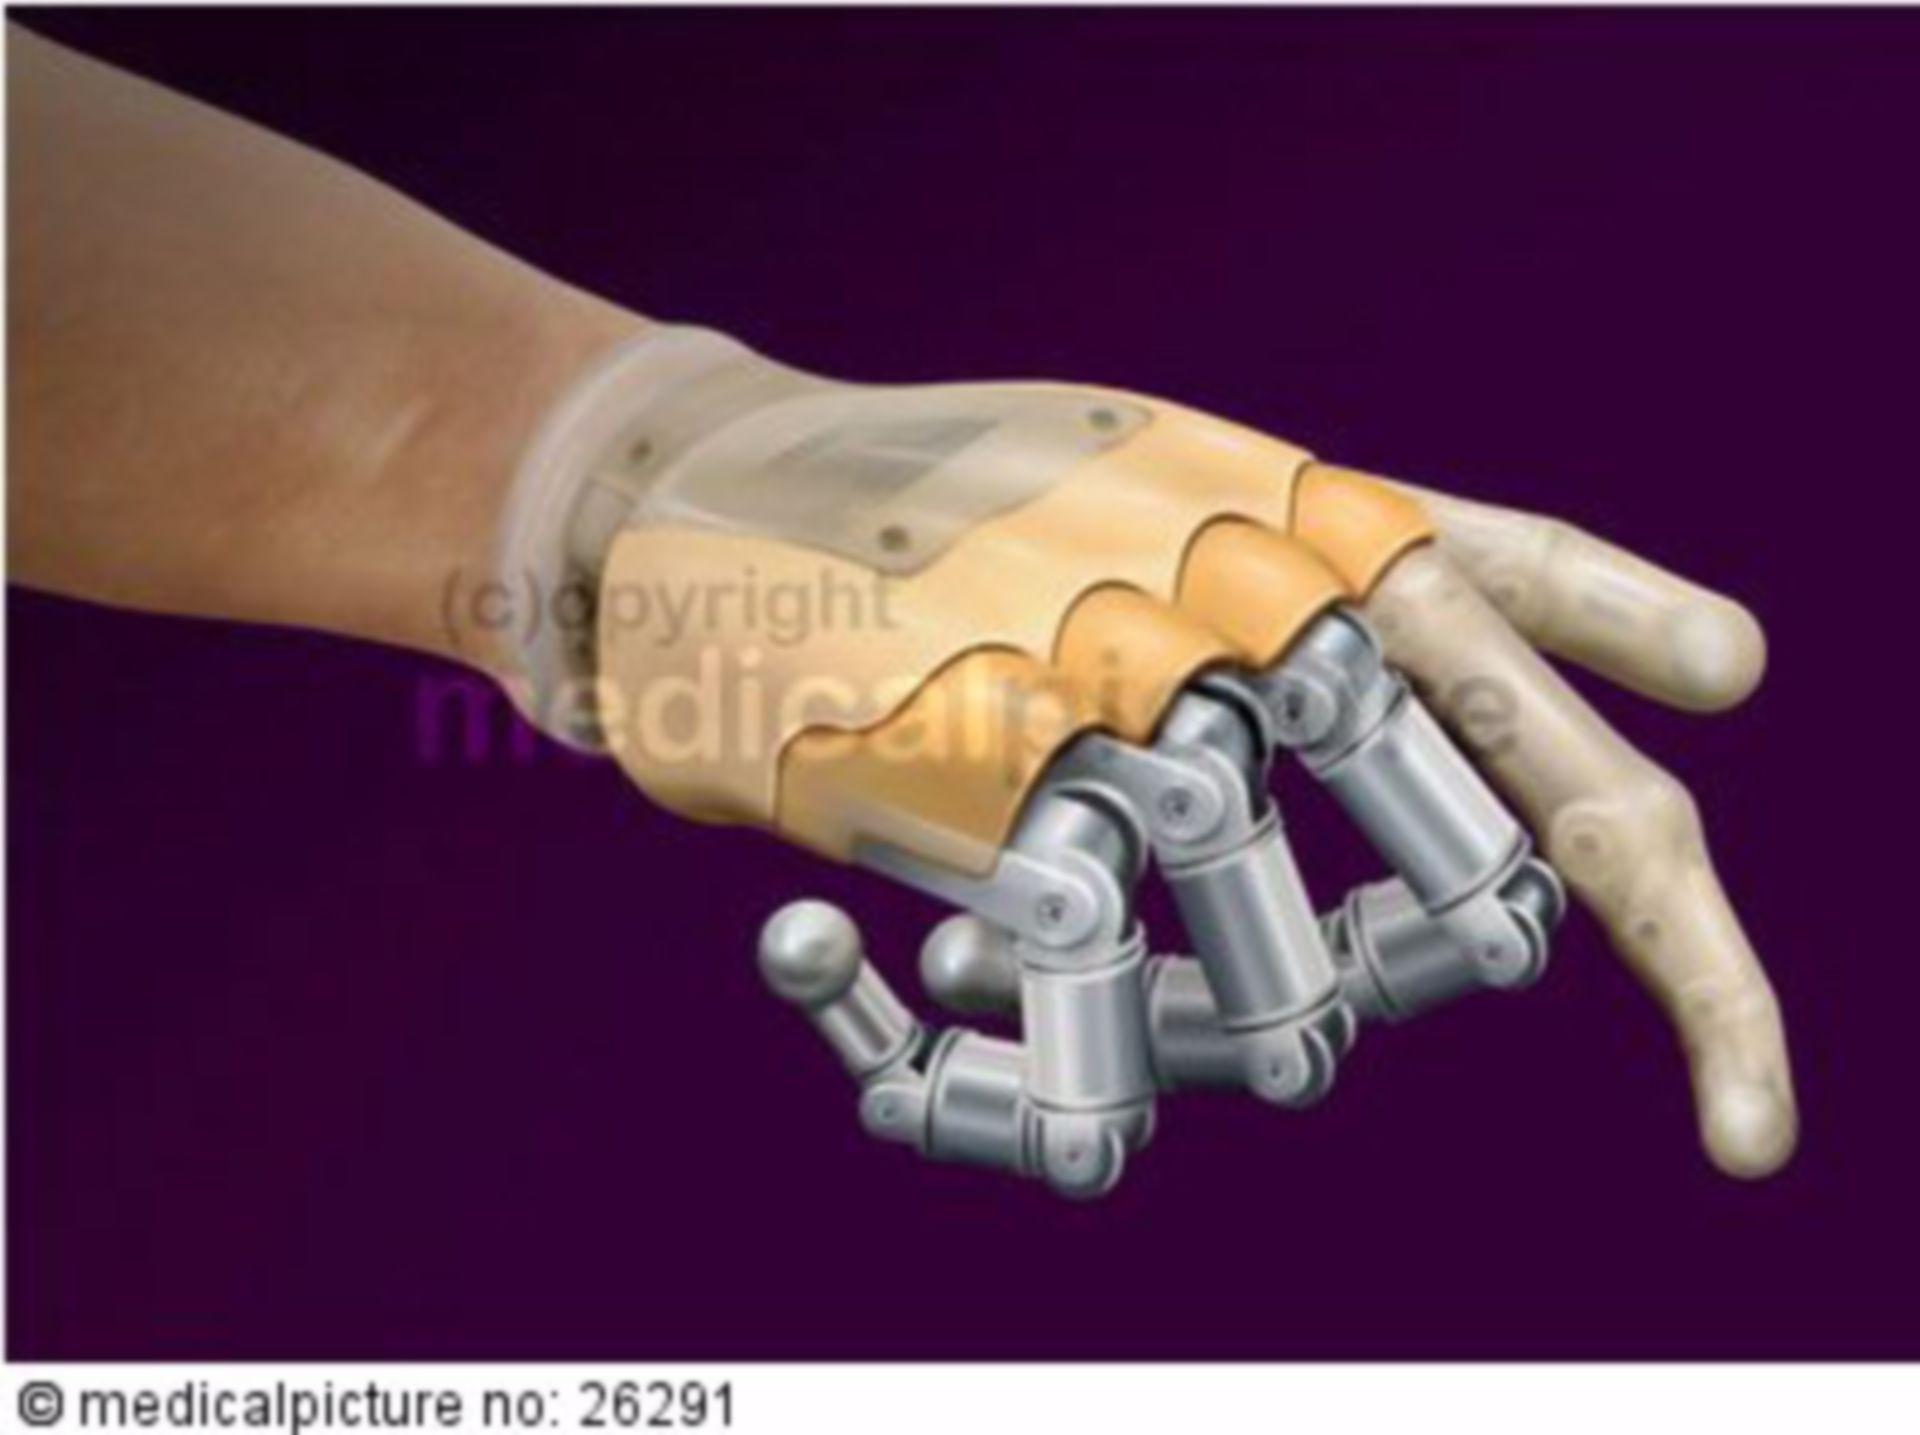 Modellierung einer Handprothese